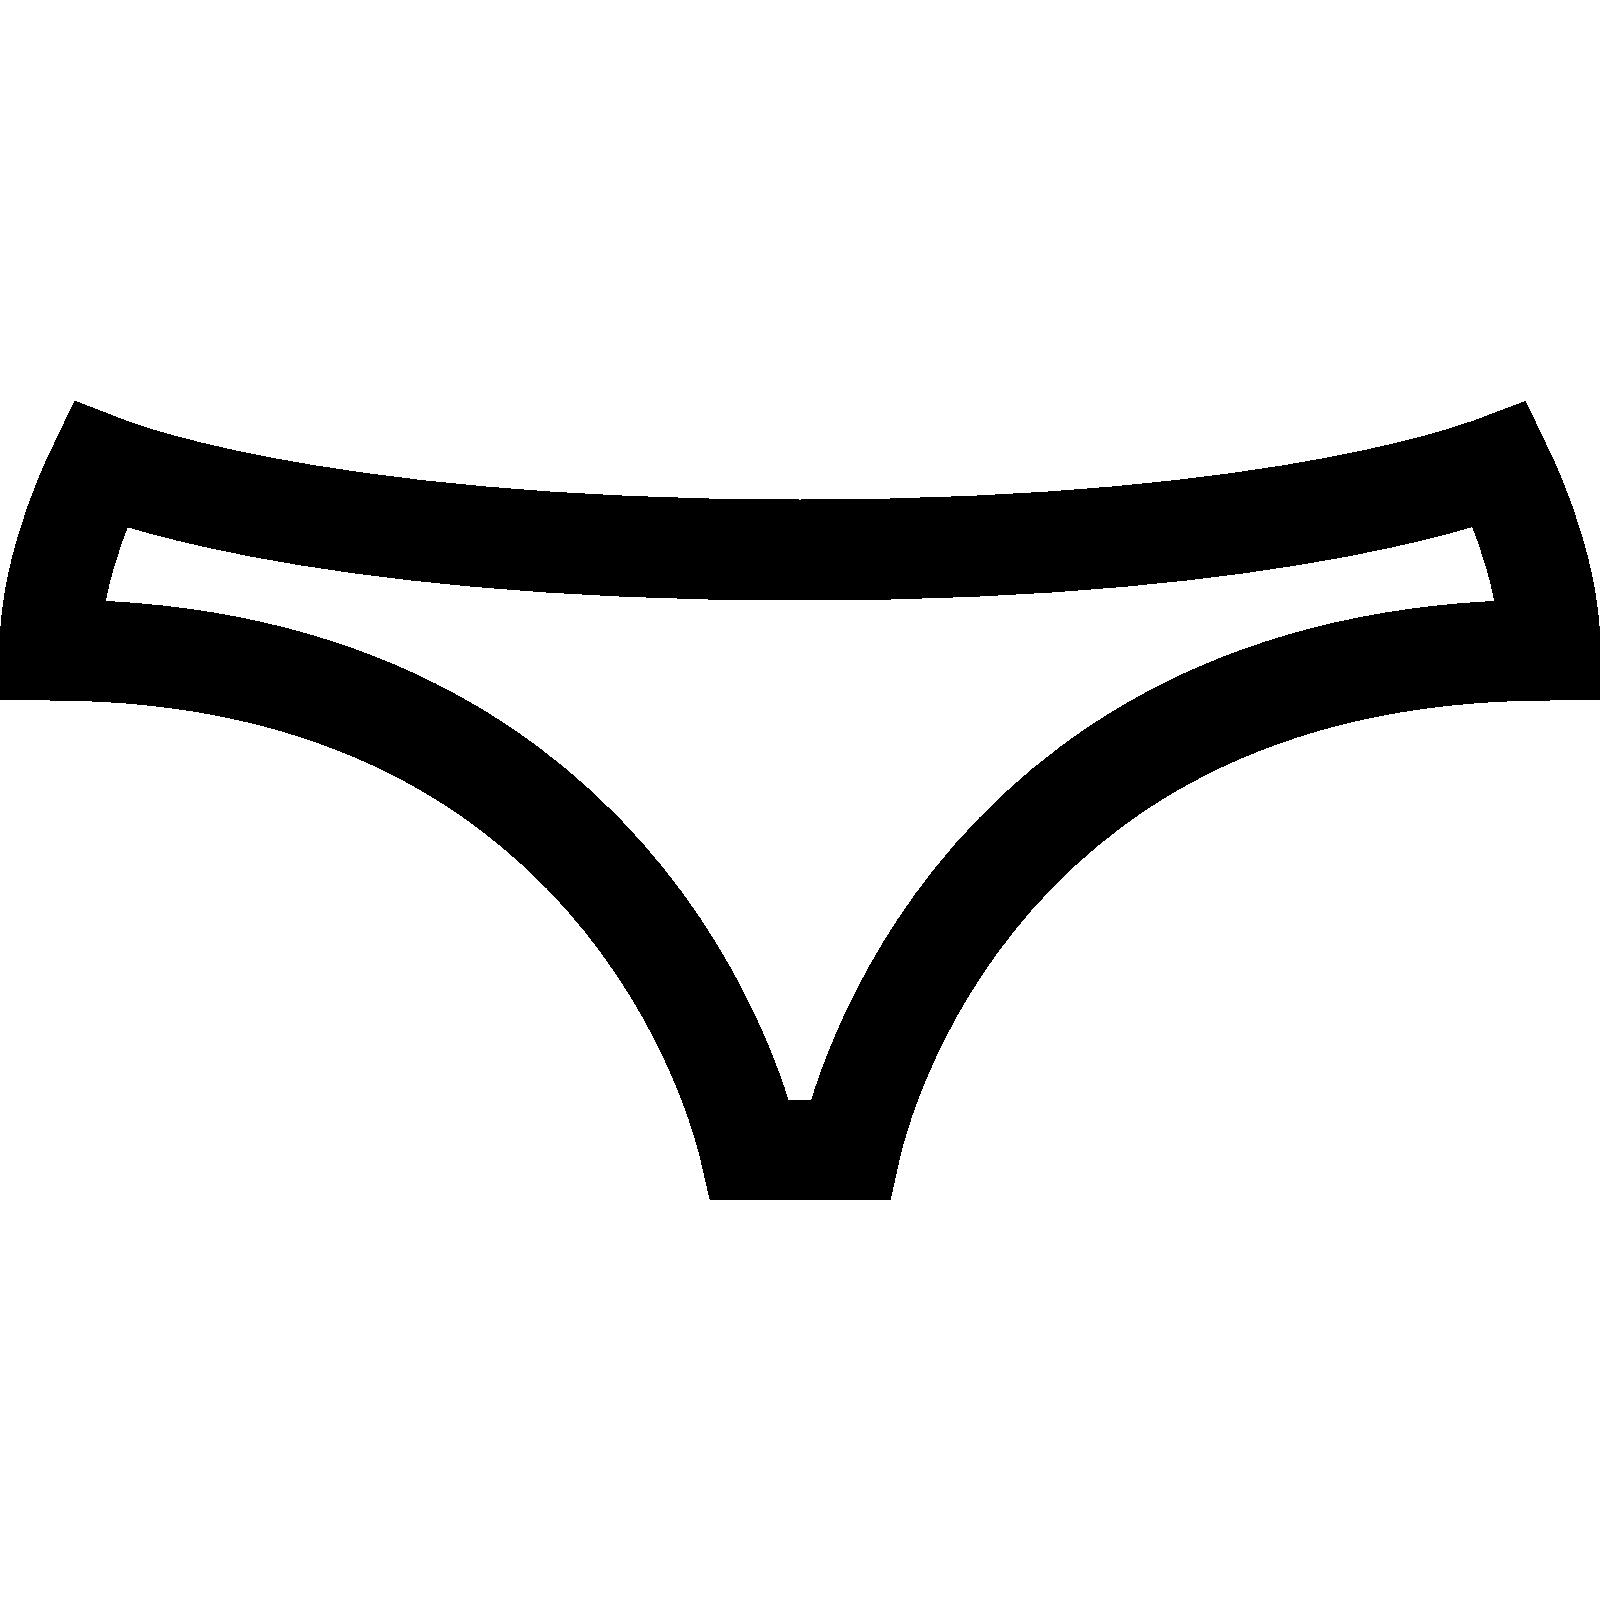 Underwear clipart female underwear, Underwear female.